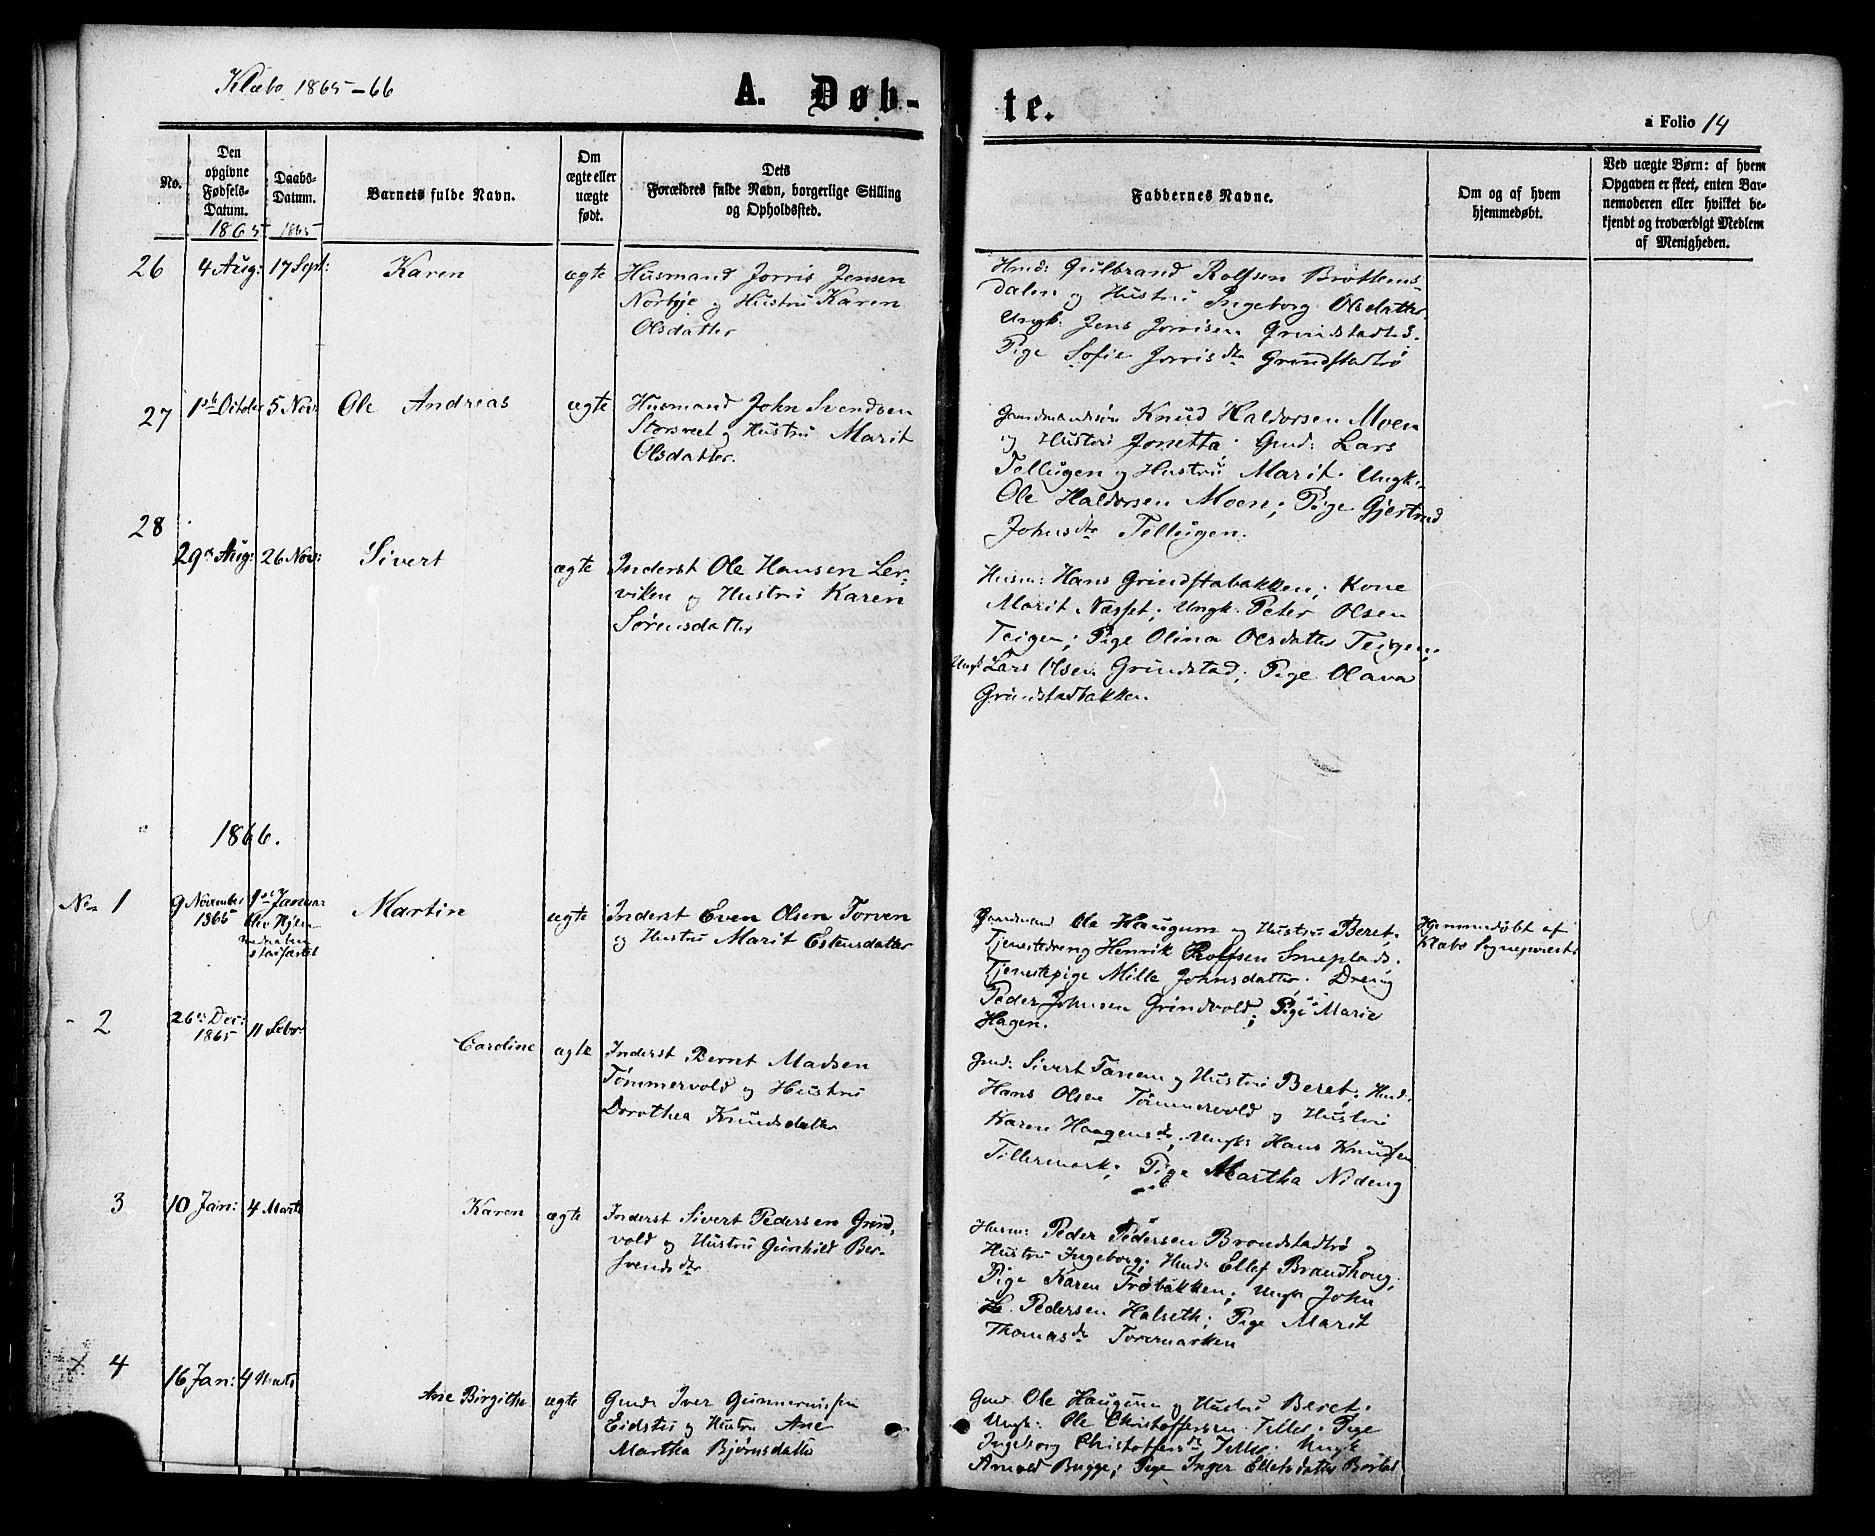 SAT, Ministerialprotokoller, klokkerbøker og fødselsregistre - Sør-Trøndelag, 618/L0442: Ministerialbok nr. 618A06 /1, 1863-1879, s. 14